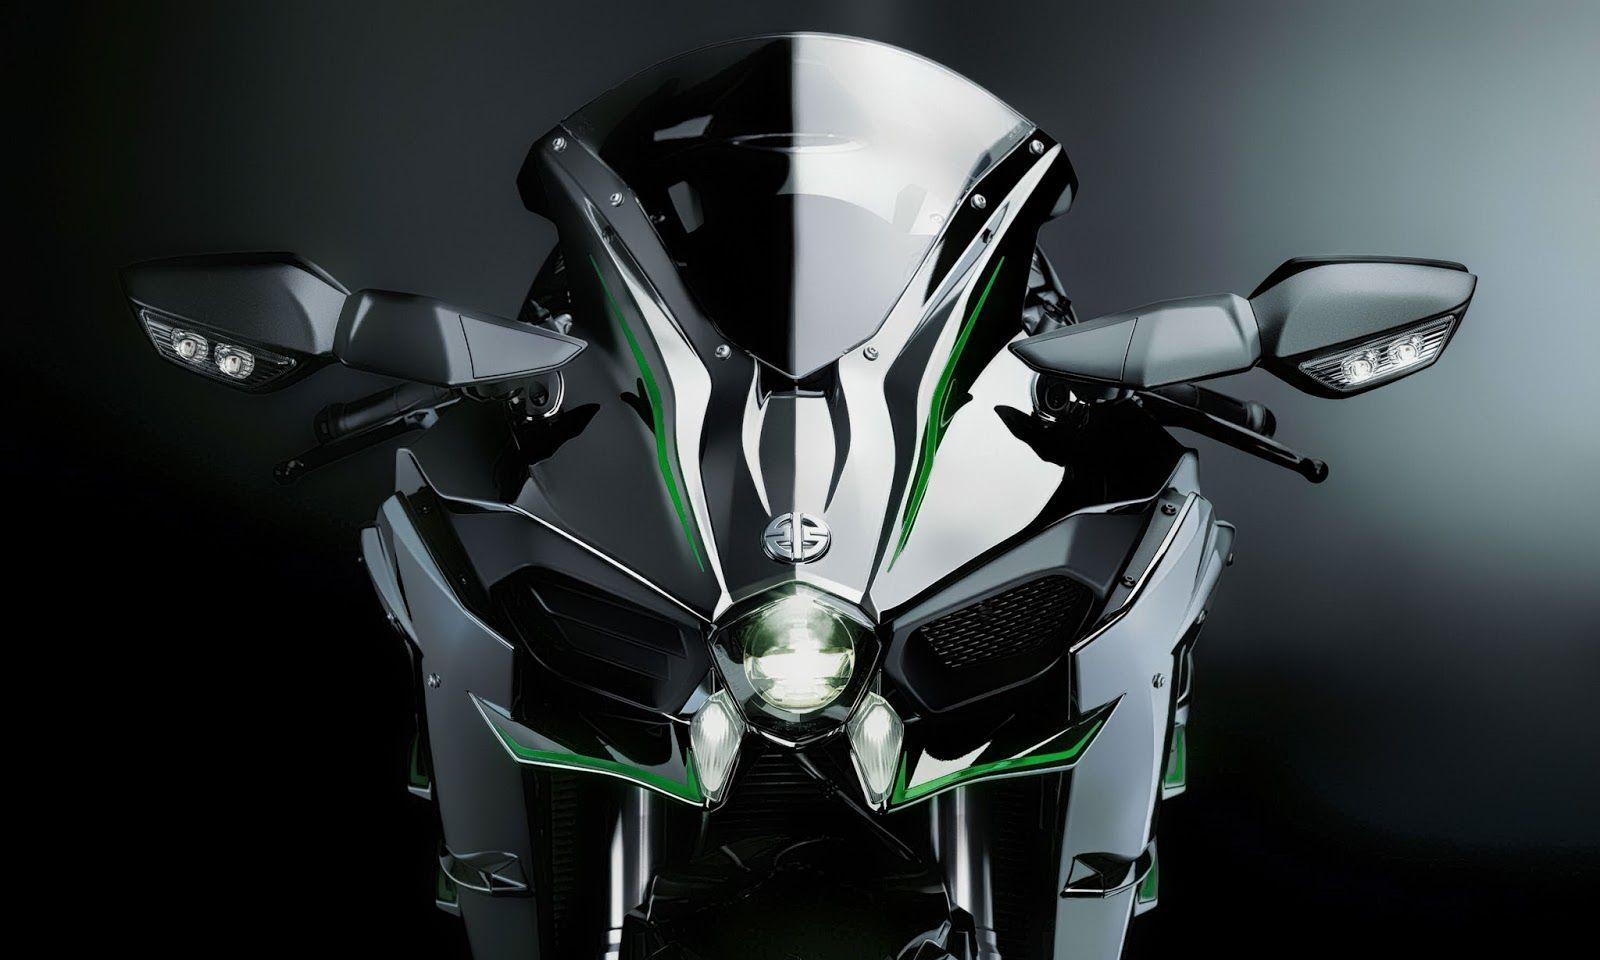 Kawasaki Ninja H2r Wallpaper Hd Kawasaki H2 Kawasaki Ninja